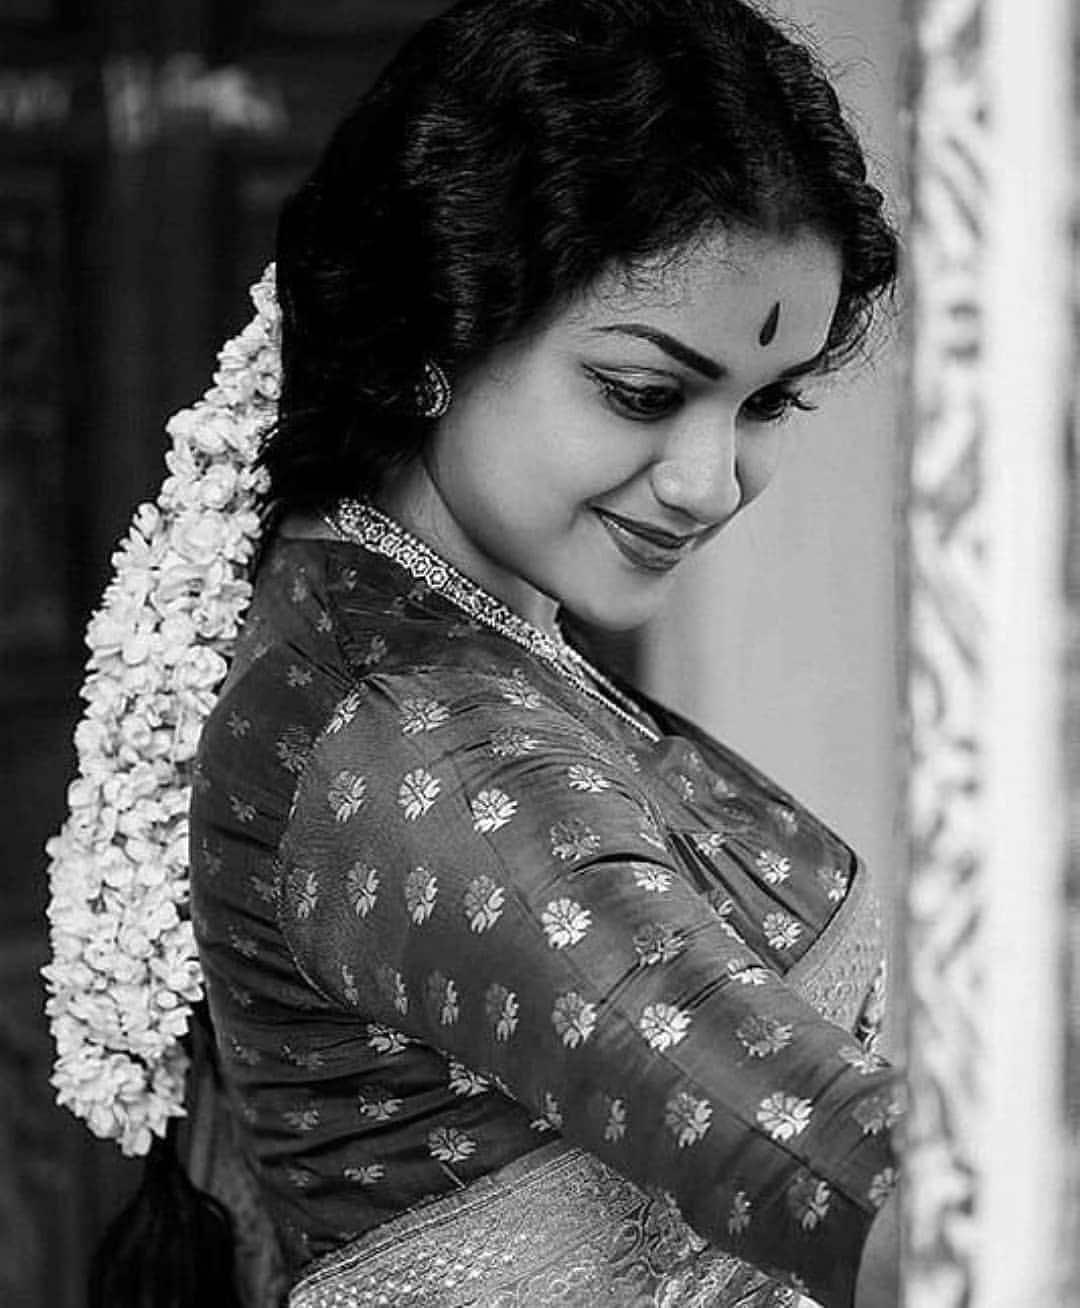 మహానటి సినిమా సావిత్రి పాత్రధారి కీర్తి సురేష్ ఫోటోస్ Photo : Instagram